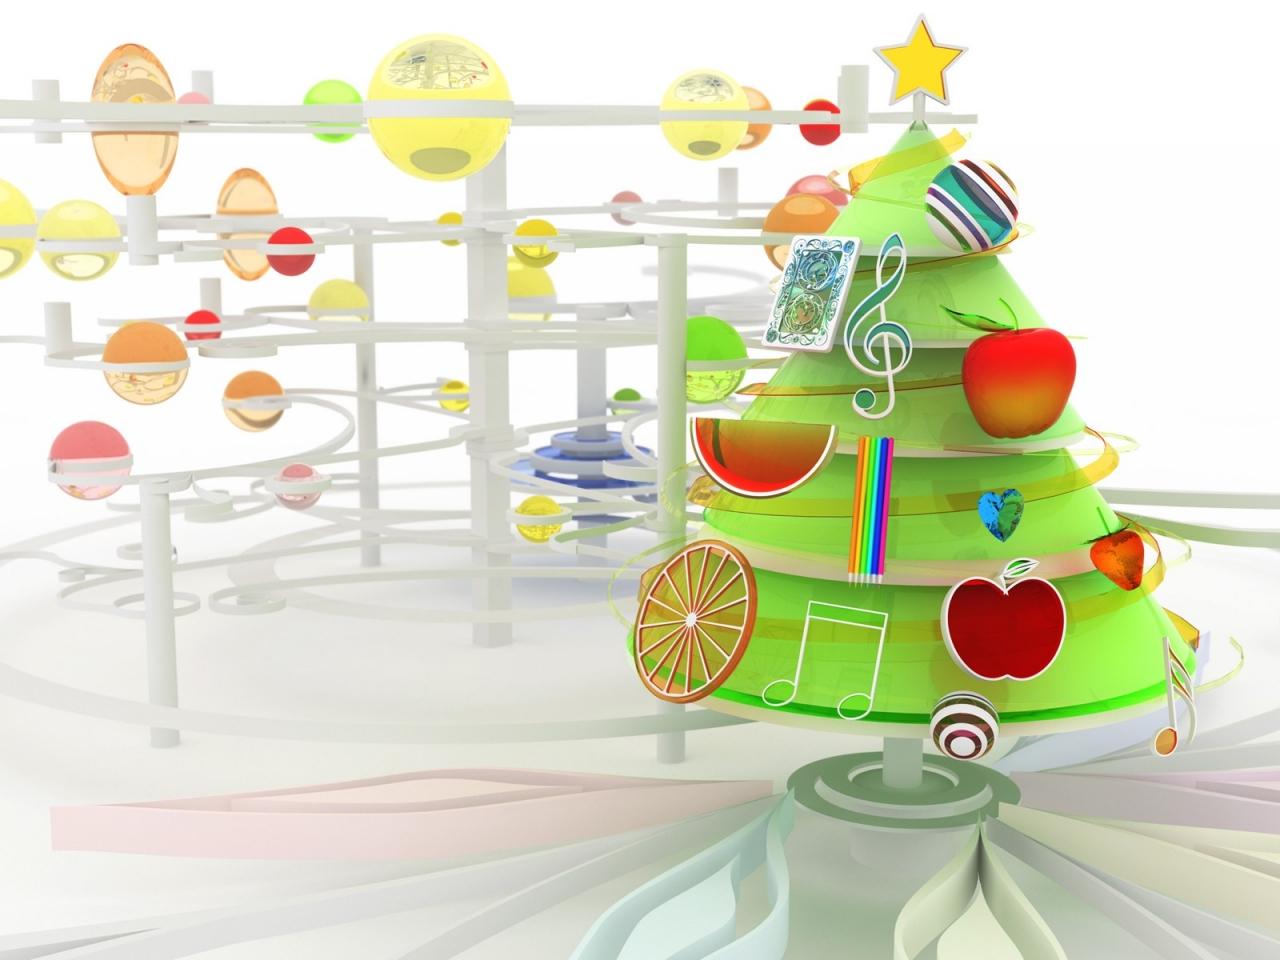 Arbol de navidad en 3D - 1280x960